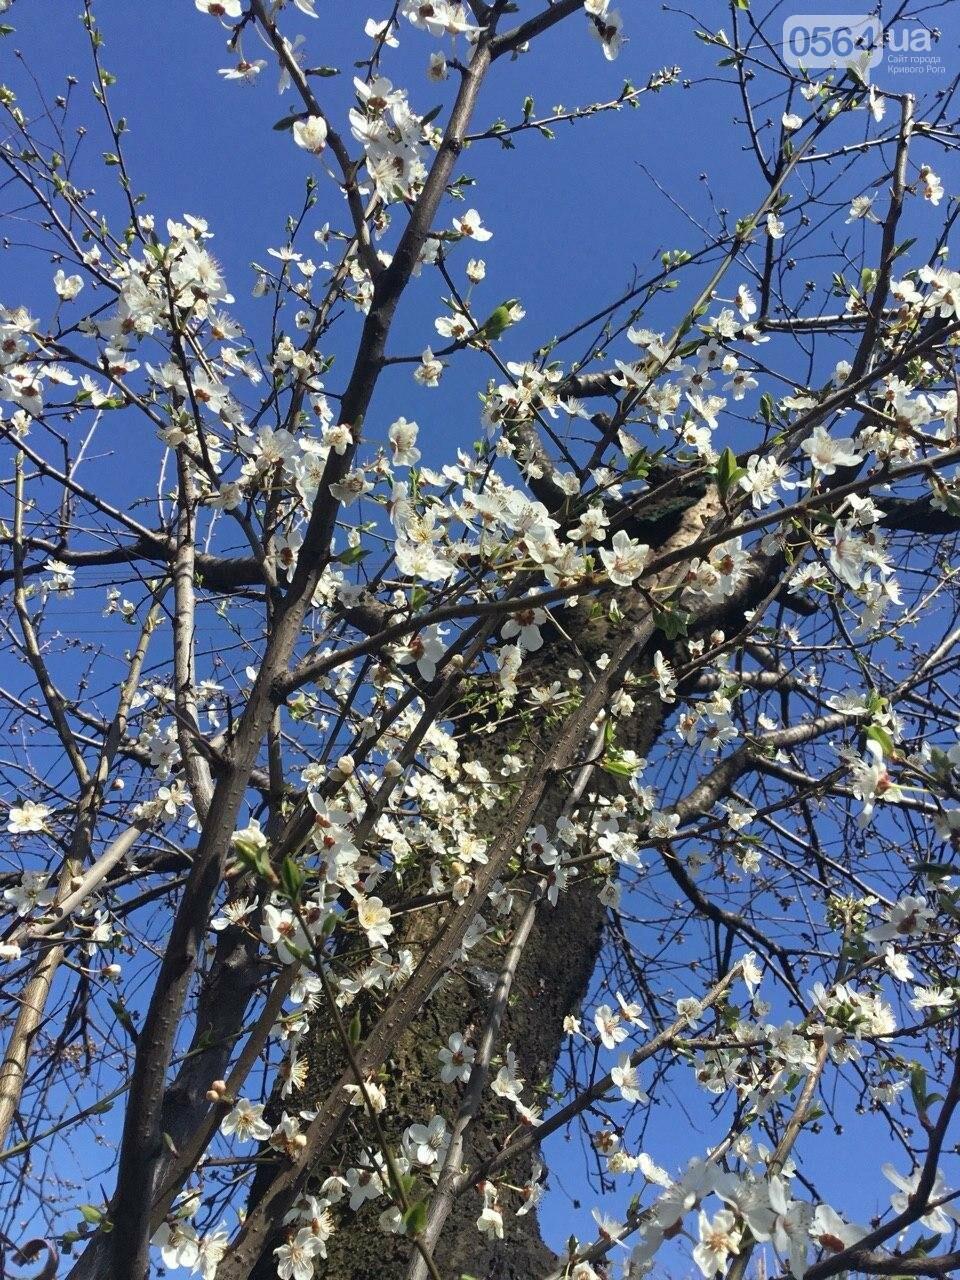 """""""Остановись, мгновение весны!"""", - криворожане любуются весной и сохраняют красоту на память, - ФОТО, фото-32"""